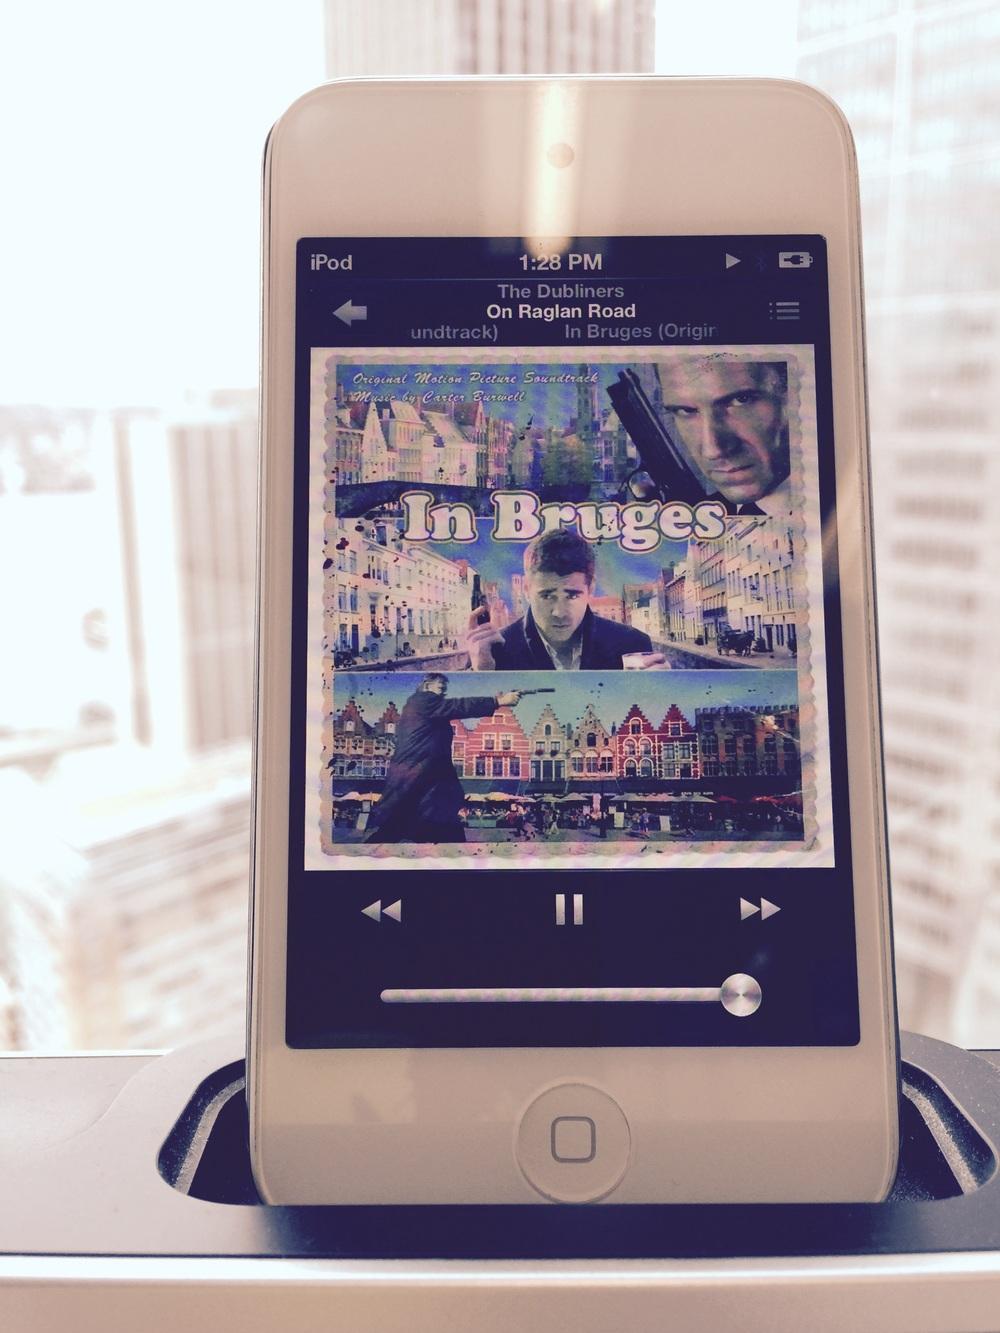 In Bruges soundtrack